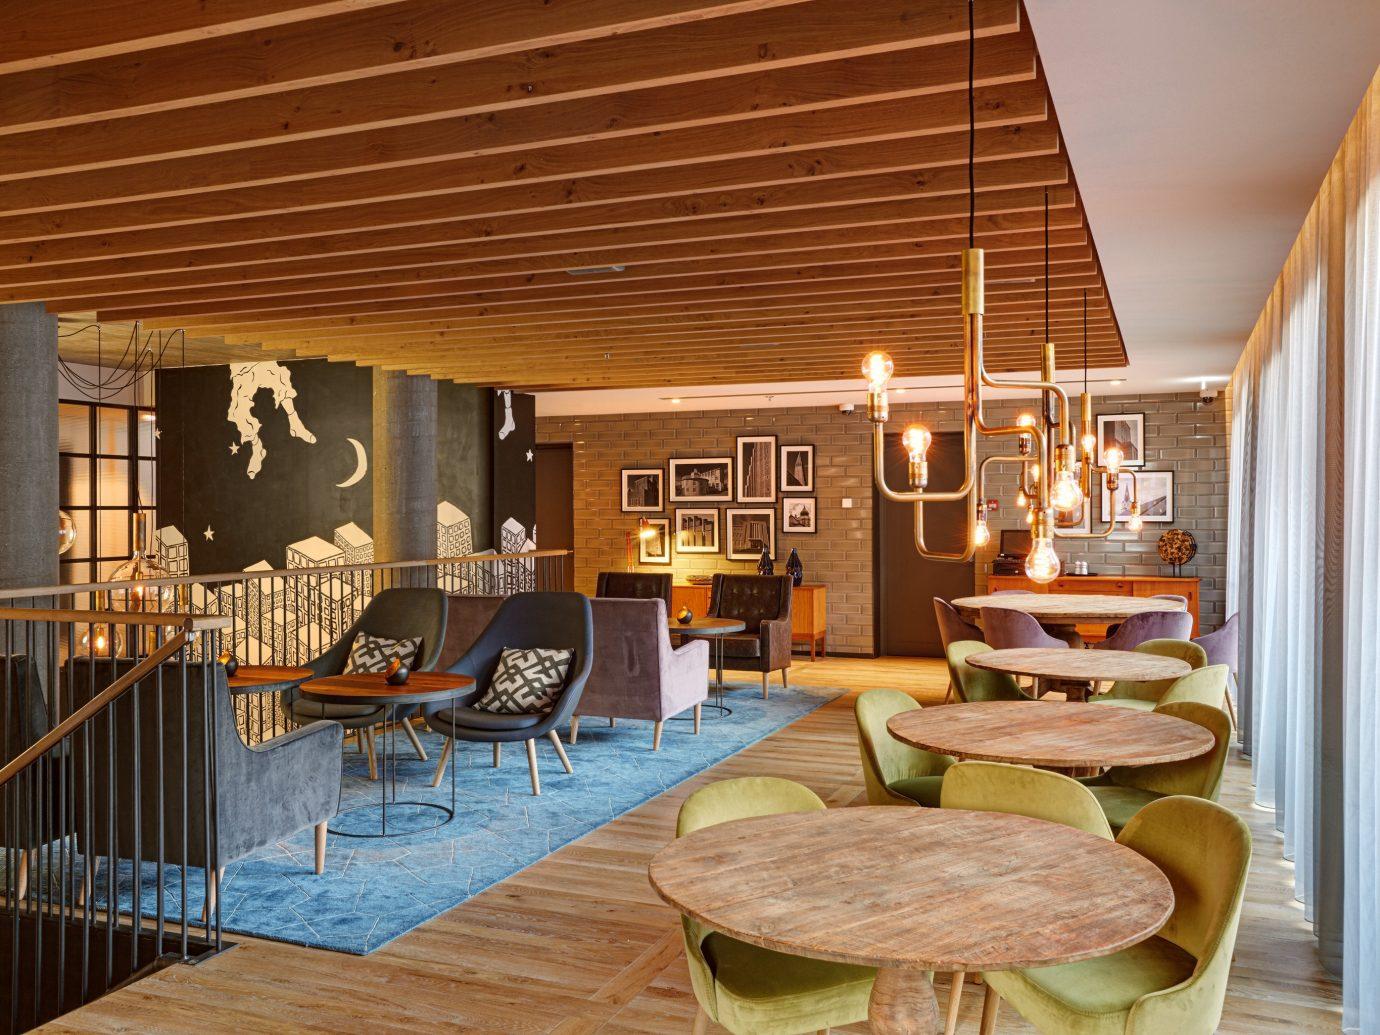 Hotels Iceland indoor floor chair room property building Living living room dining room home interior design estate hardwood wood wooden cottage real estate Resort farmhouse ceiling furniture